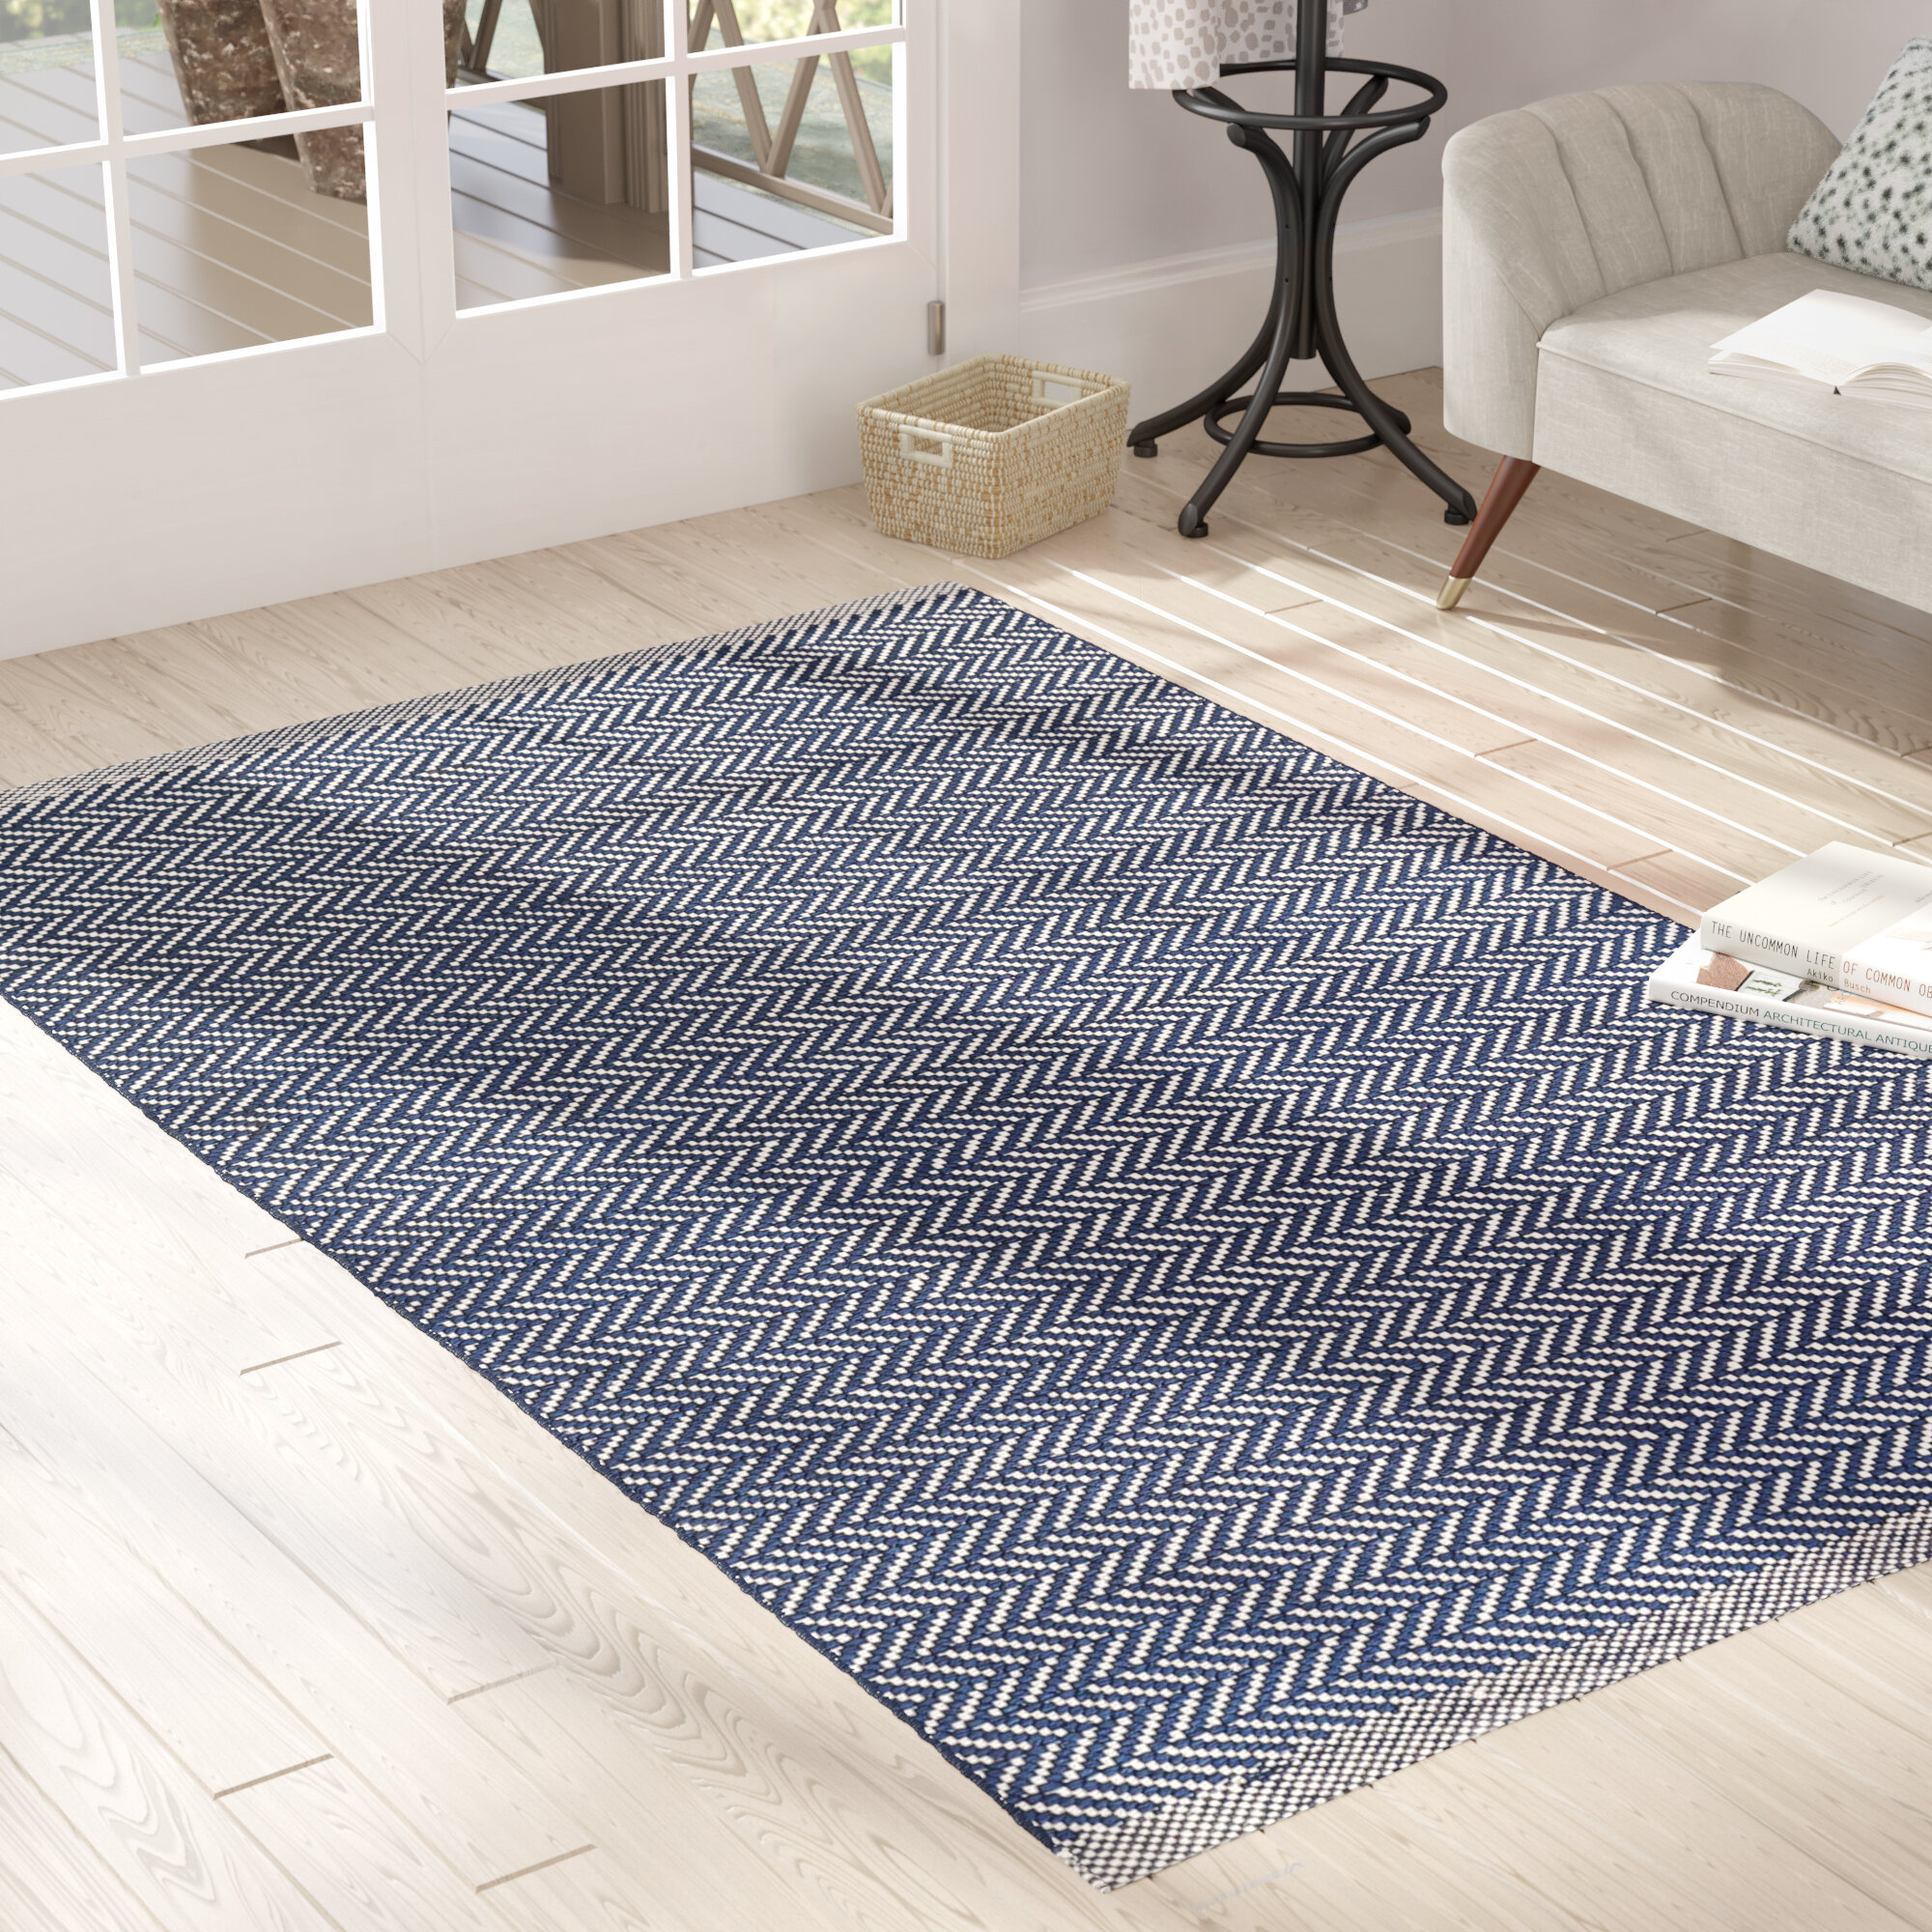 Handmade Flatweave Blue Area Rug